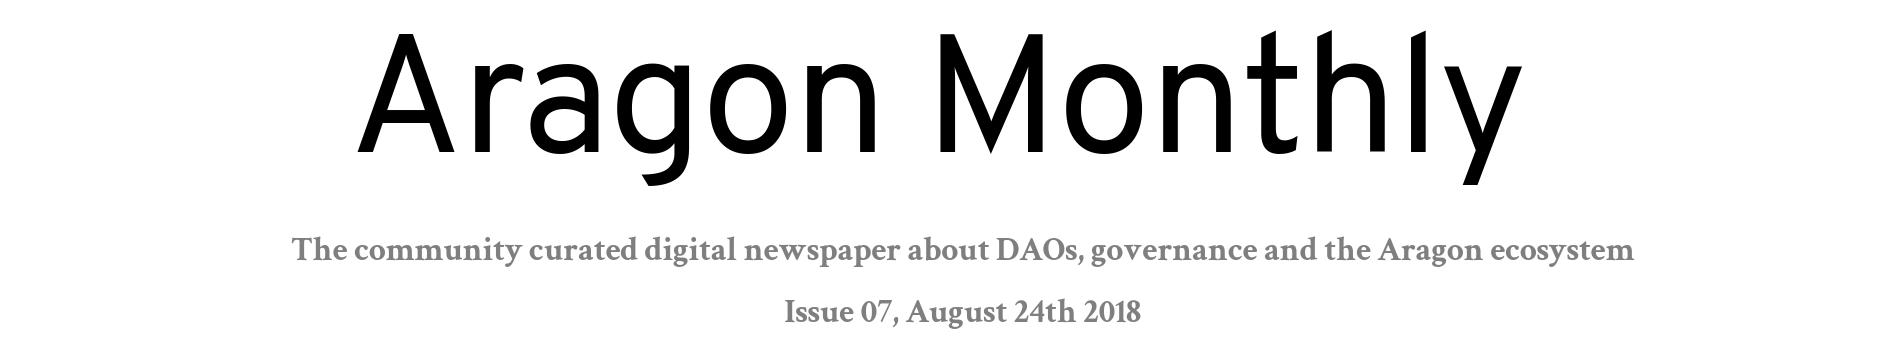 issue_header